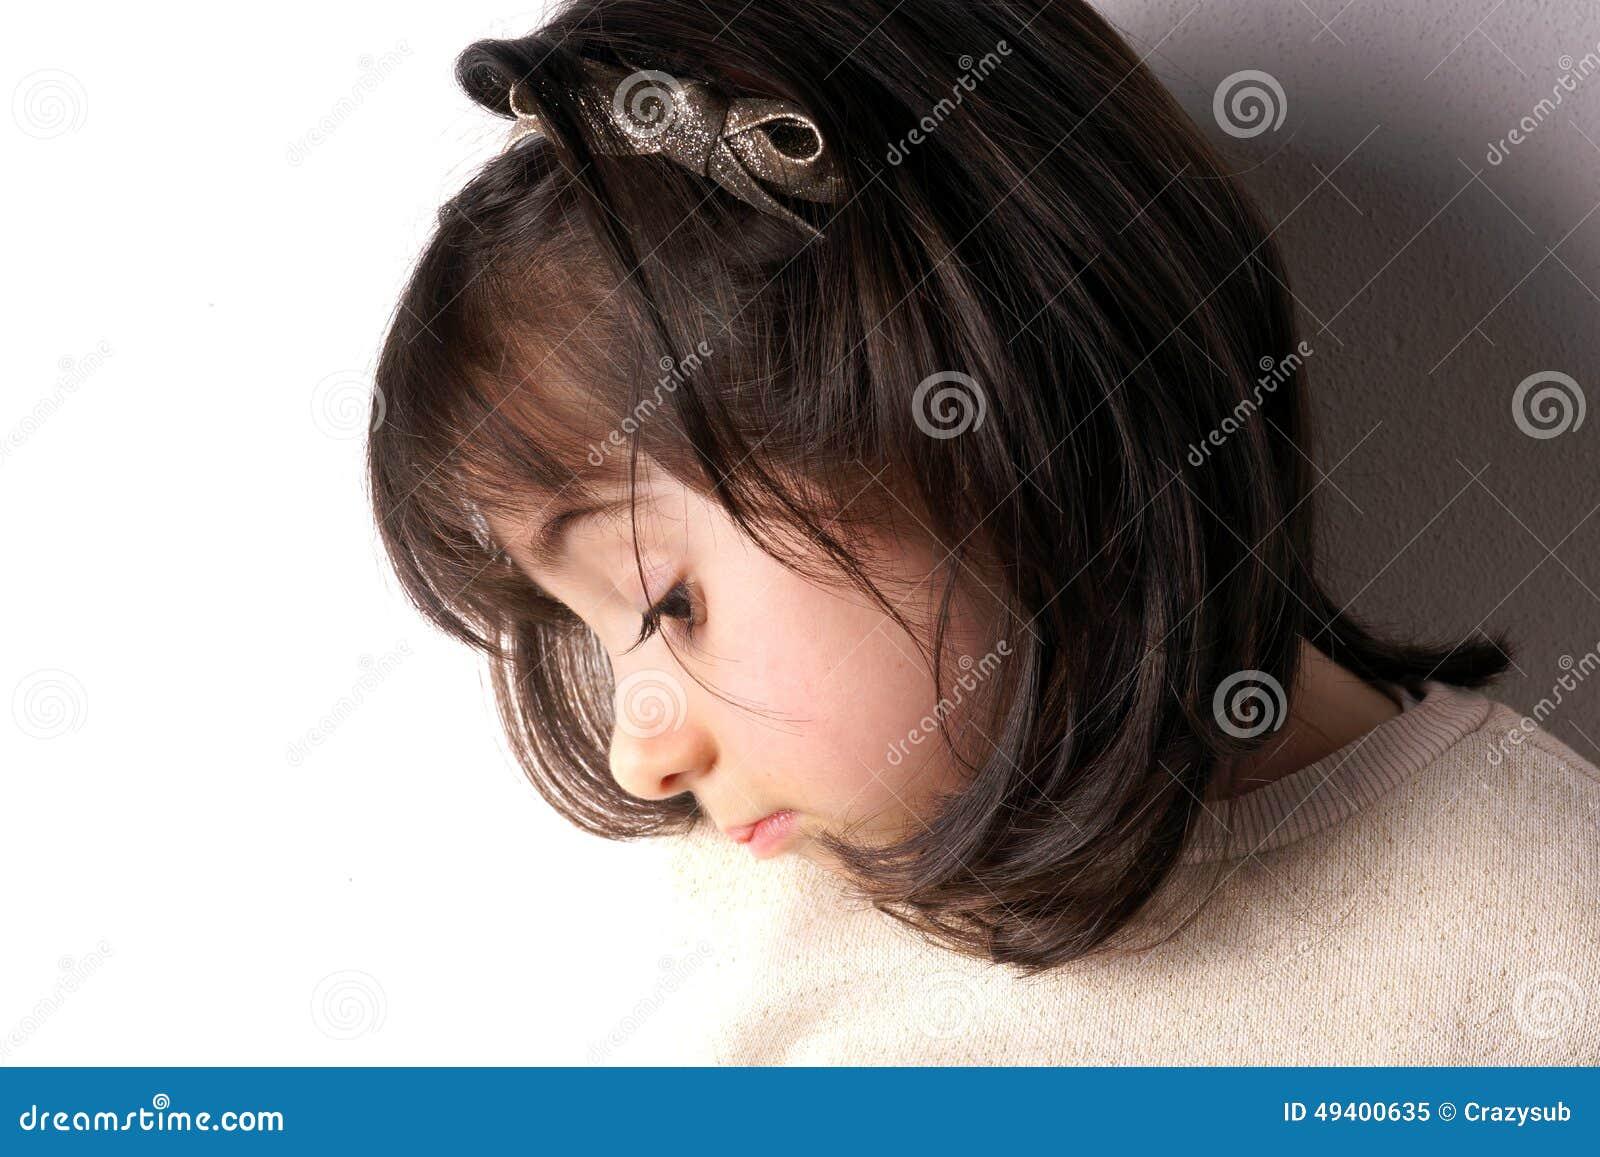 Download Schätzchen girl stockbild. Bild von hintergrund, freude - 49400635